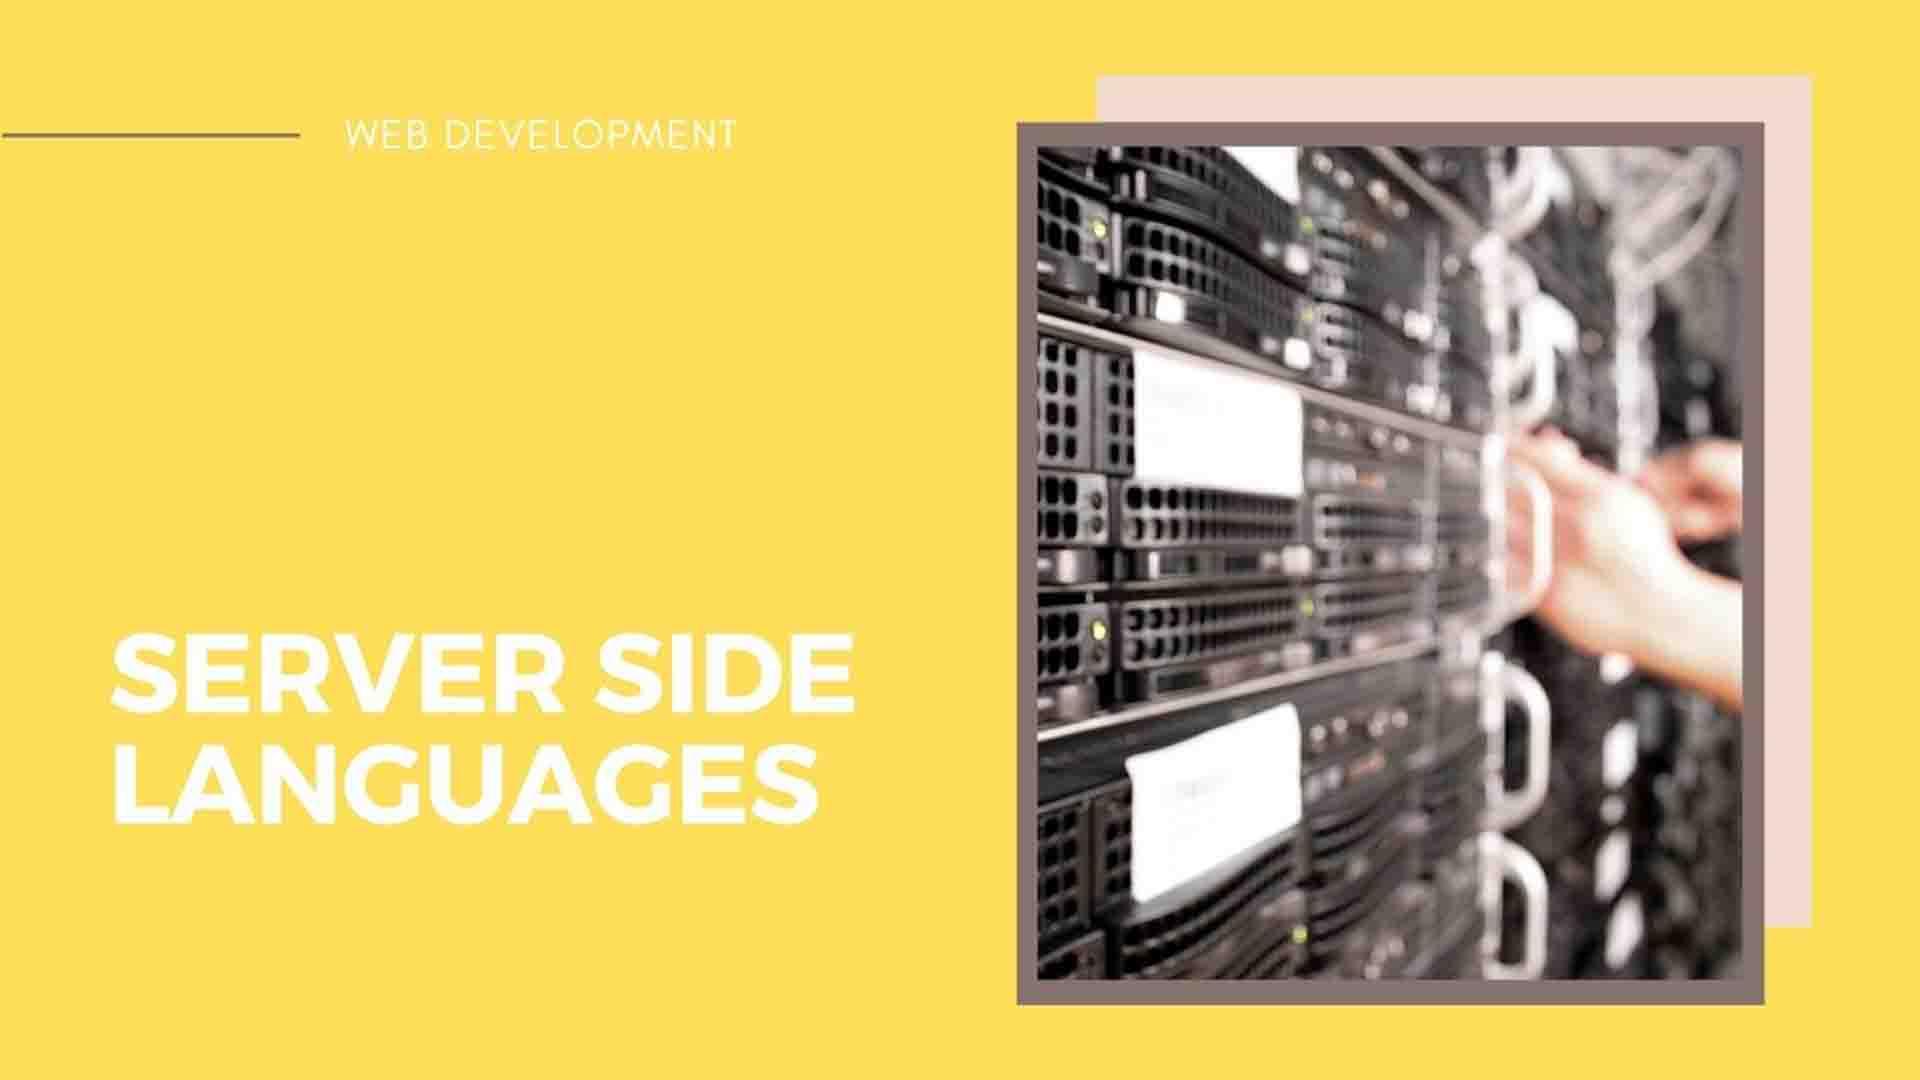 SERVER SIDE LANGUAGES